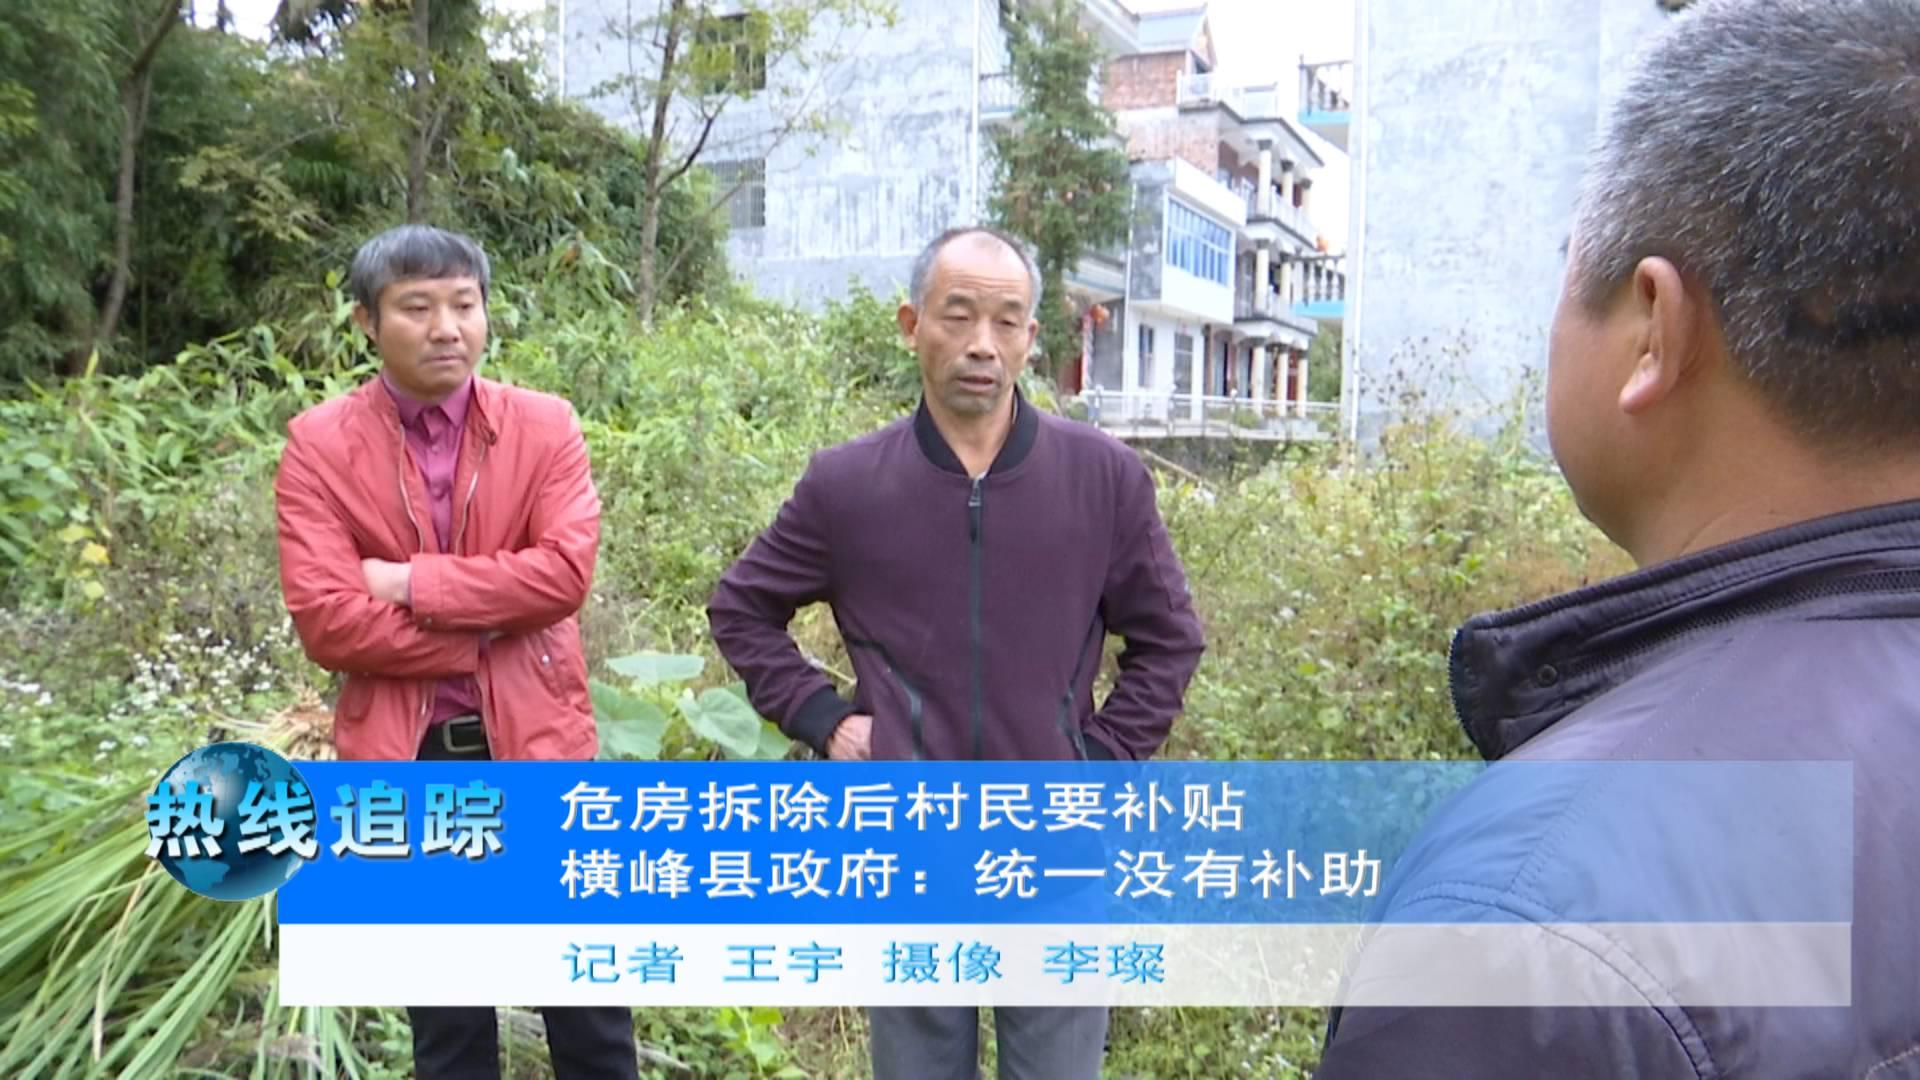 危房拆除后村民要补贴 横峰县政府:统一没有补助